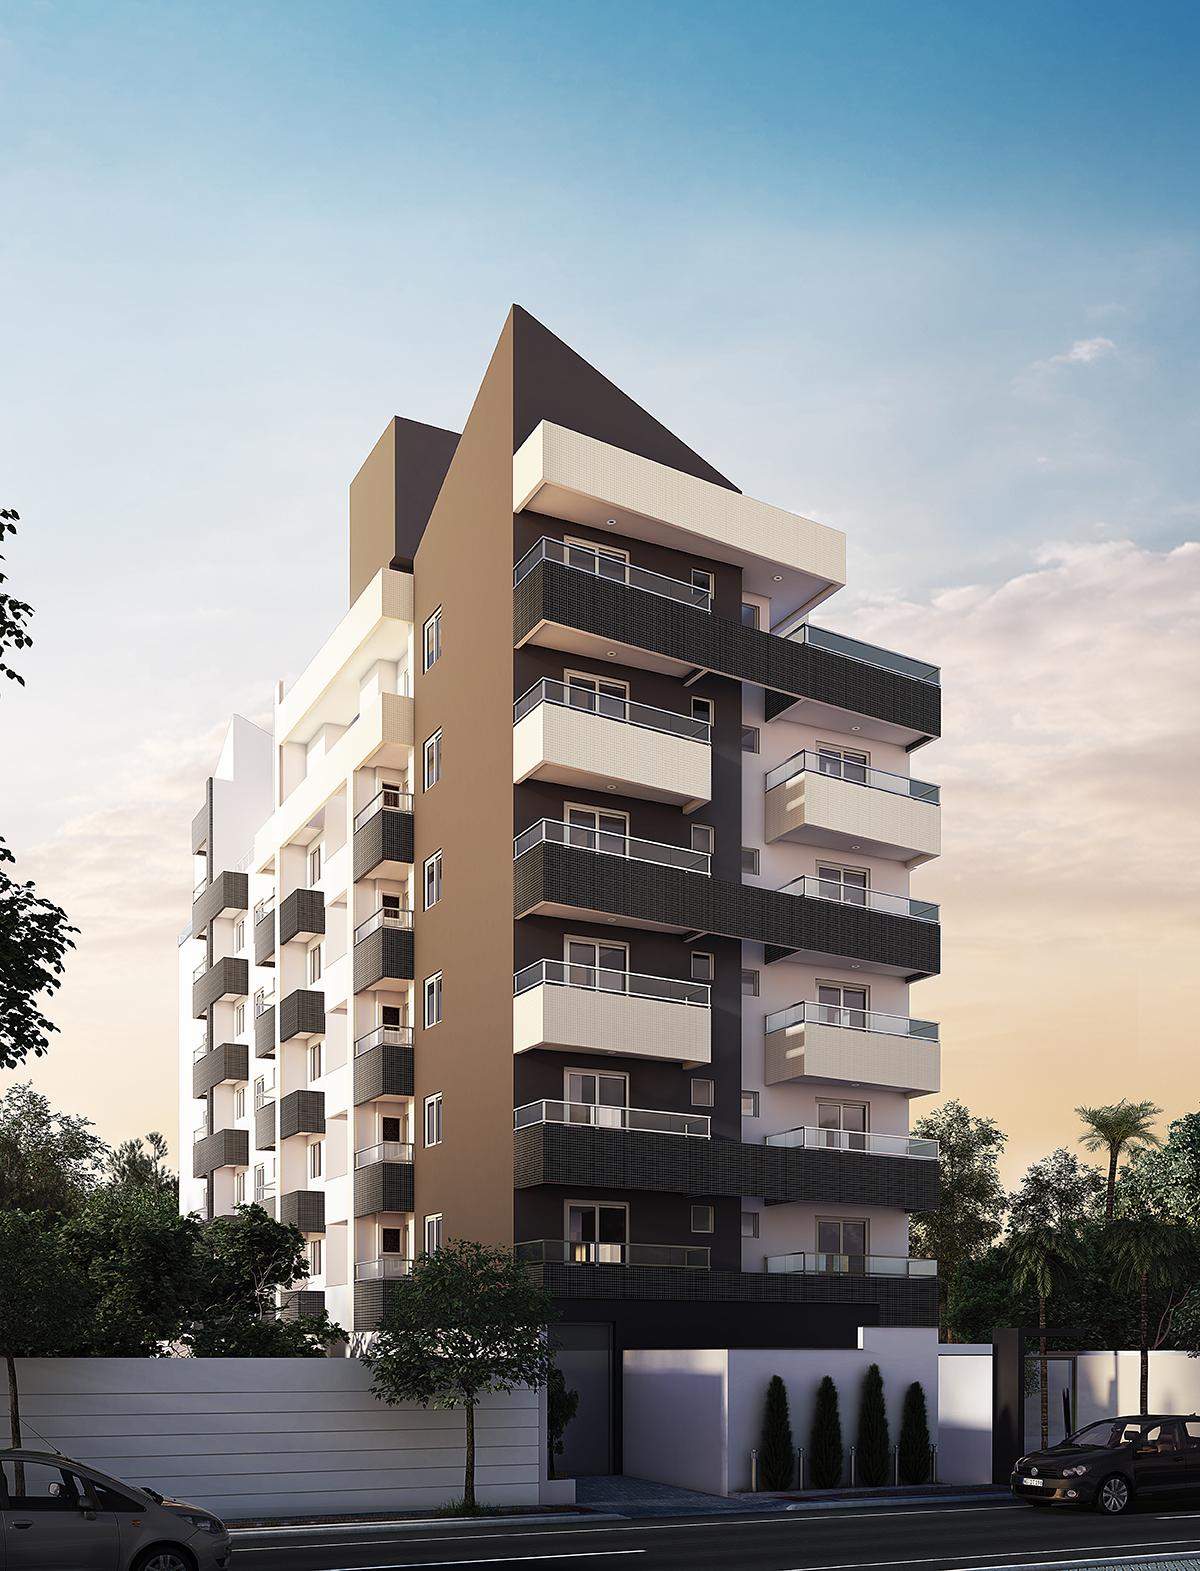 Residencial la passion brcon construtora for Fachadas para apartamentos pequenos